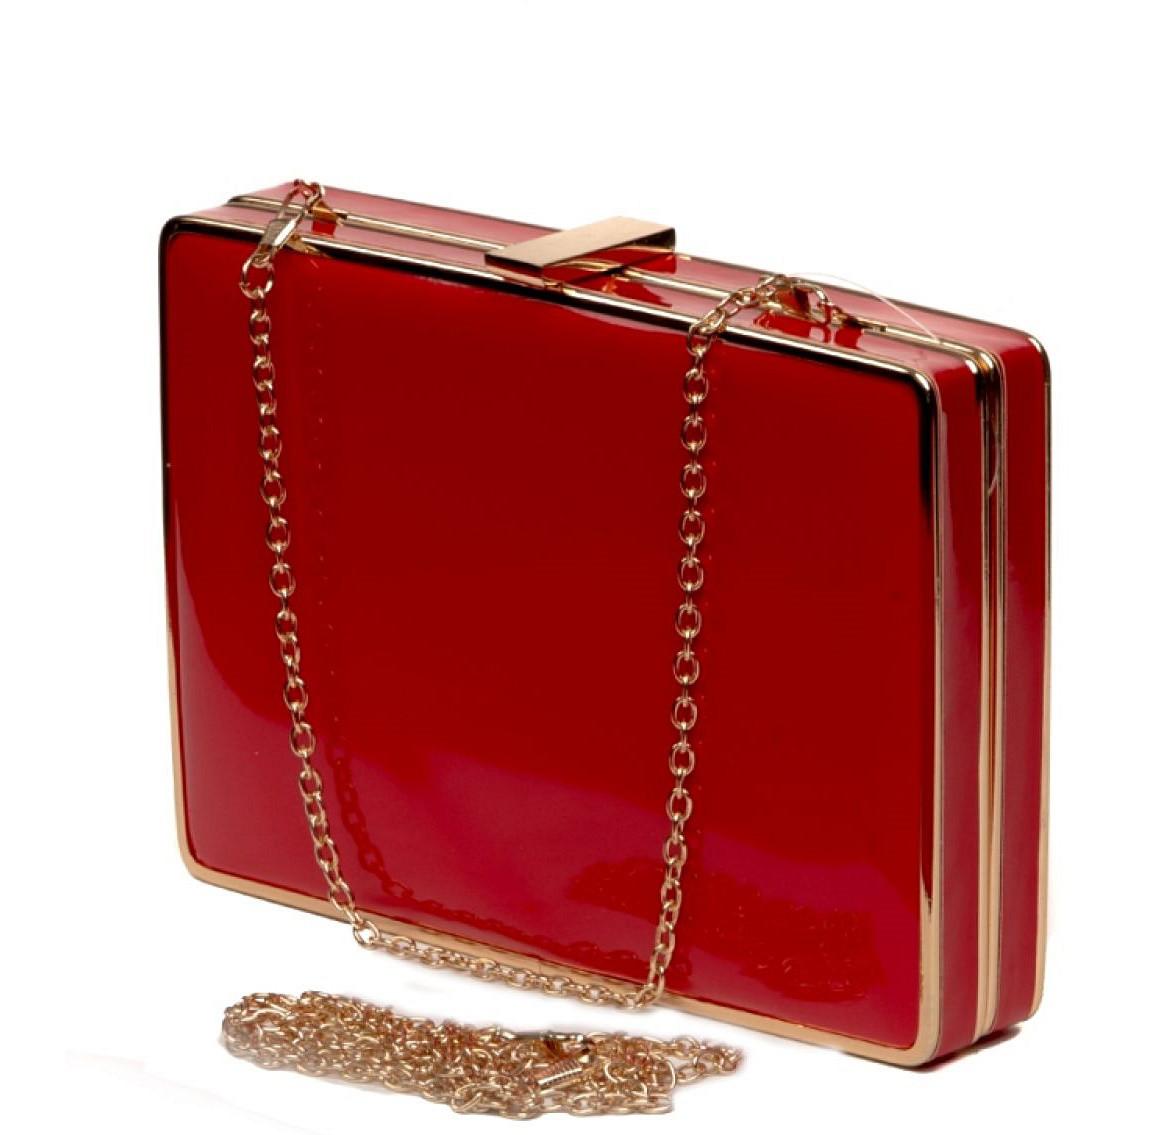 87b393307dfc Клатч-коробка женский красный лаковый Rose Heart RH 4075 красный - Интернет  магазин